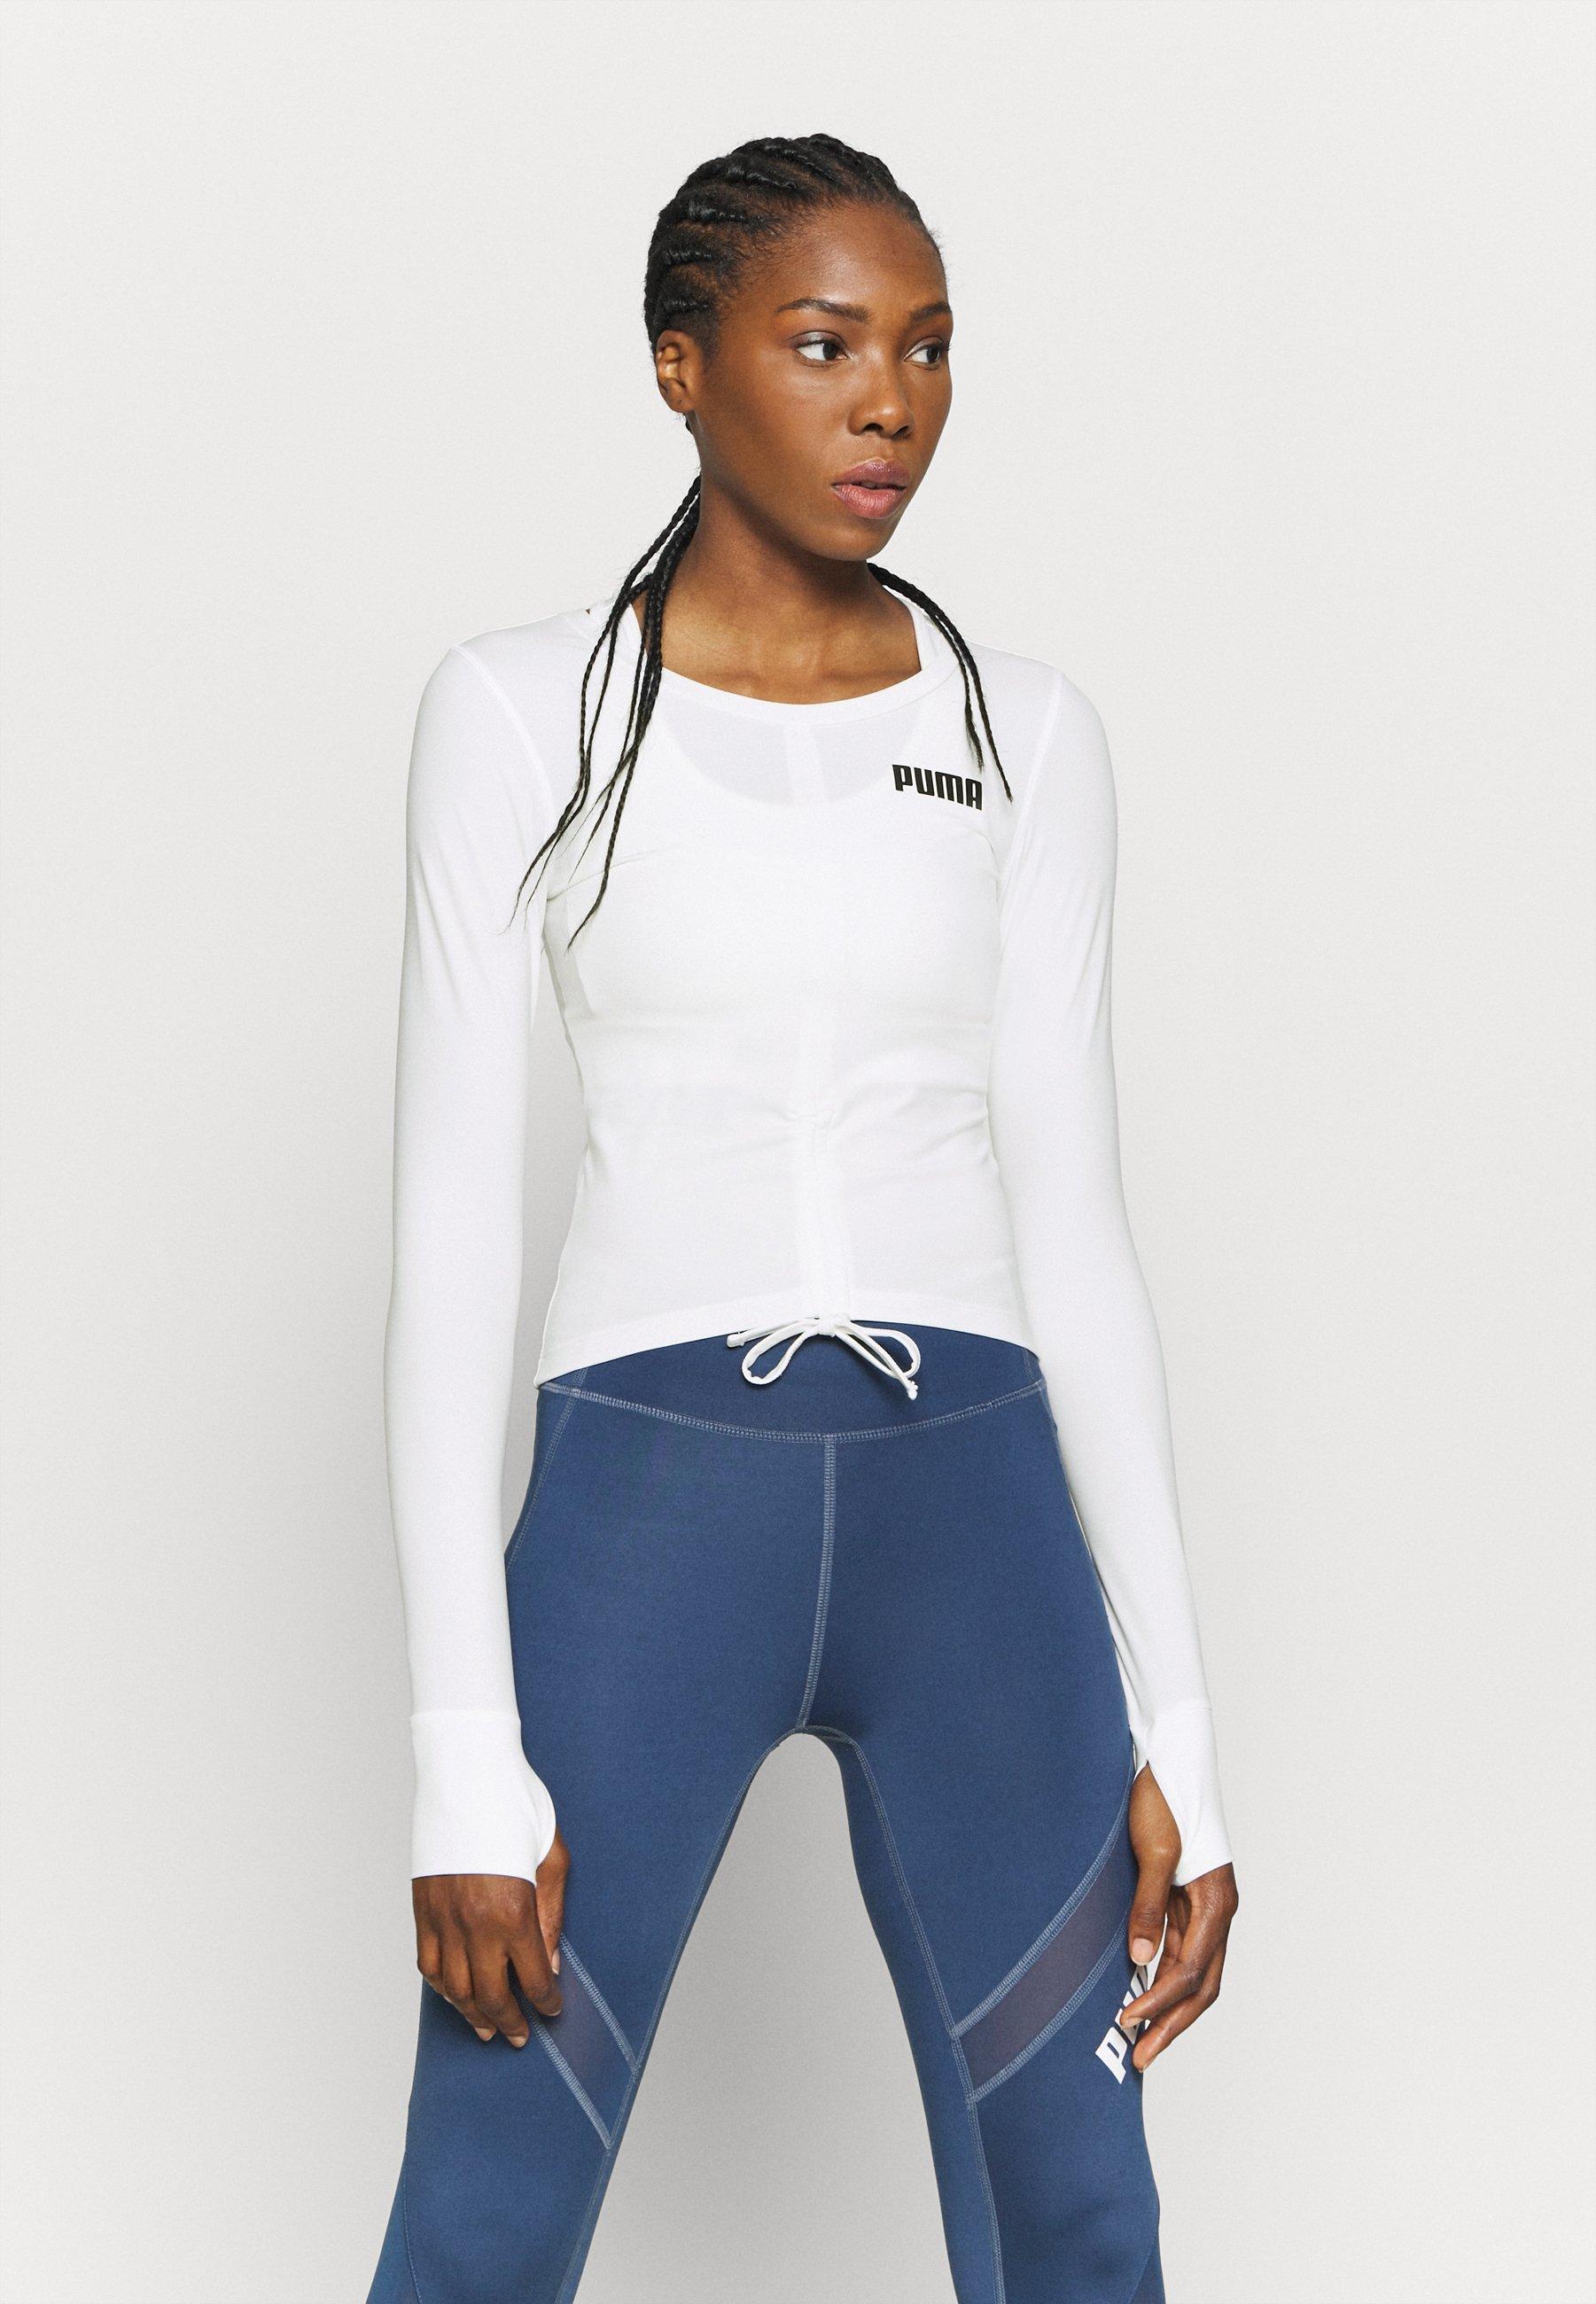 Women PAMELA REIF X PUMA COLLECTION RUSHING - Sports shirt